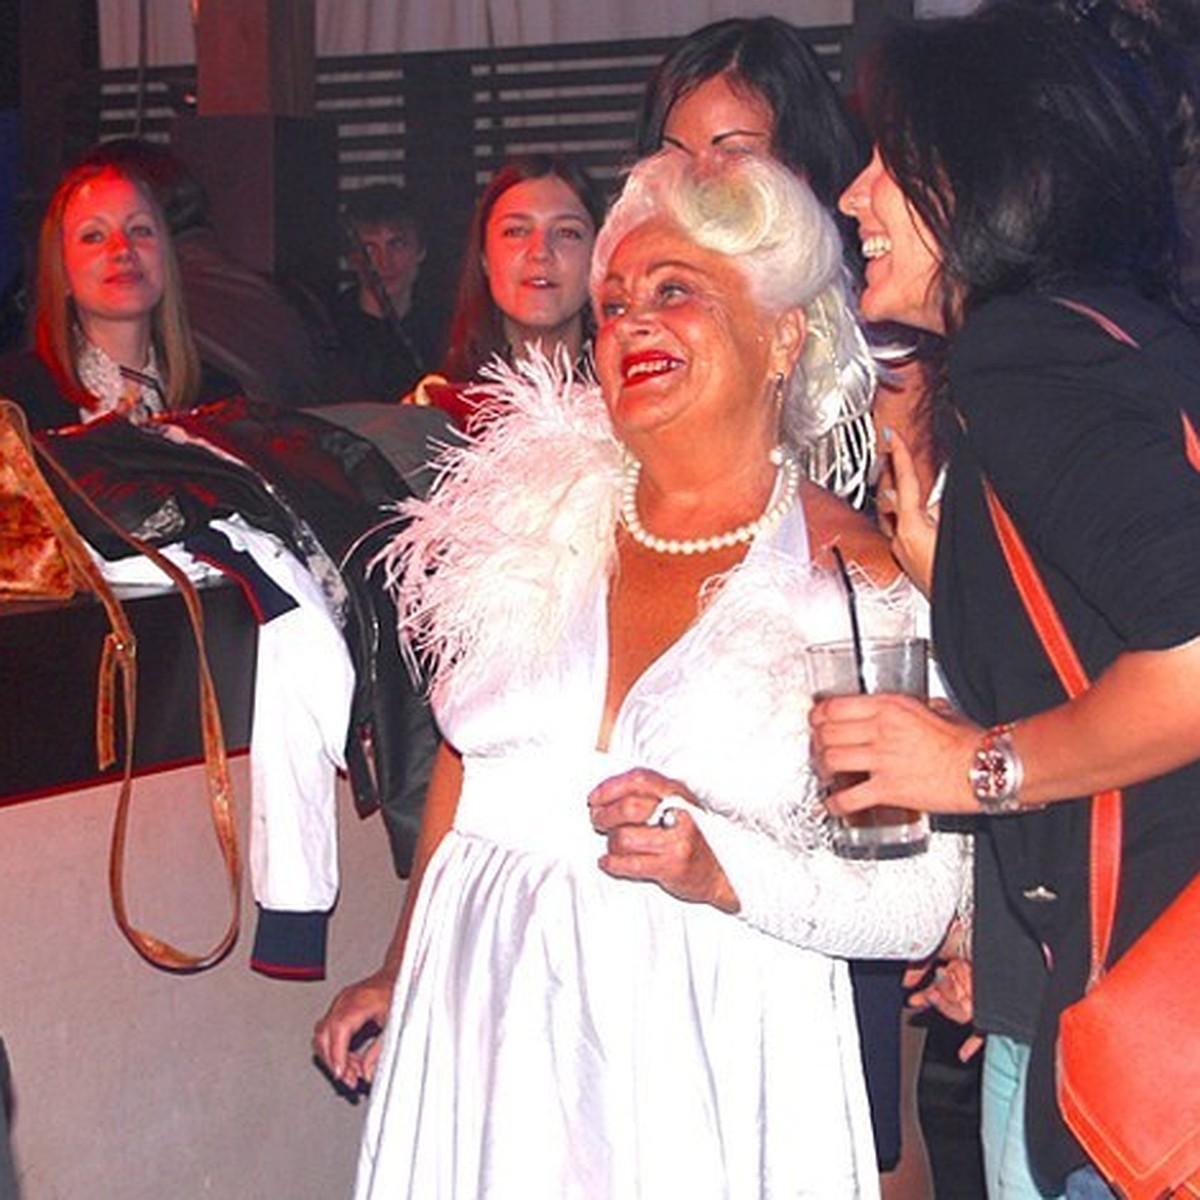 Танцовщицы в ночной клуб екатеринбург фоторепортаж из ночного клуба